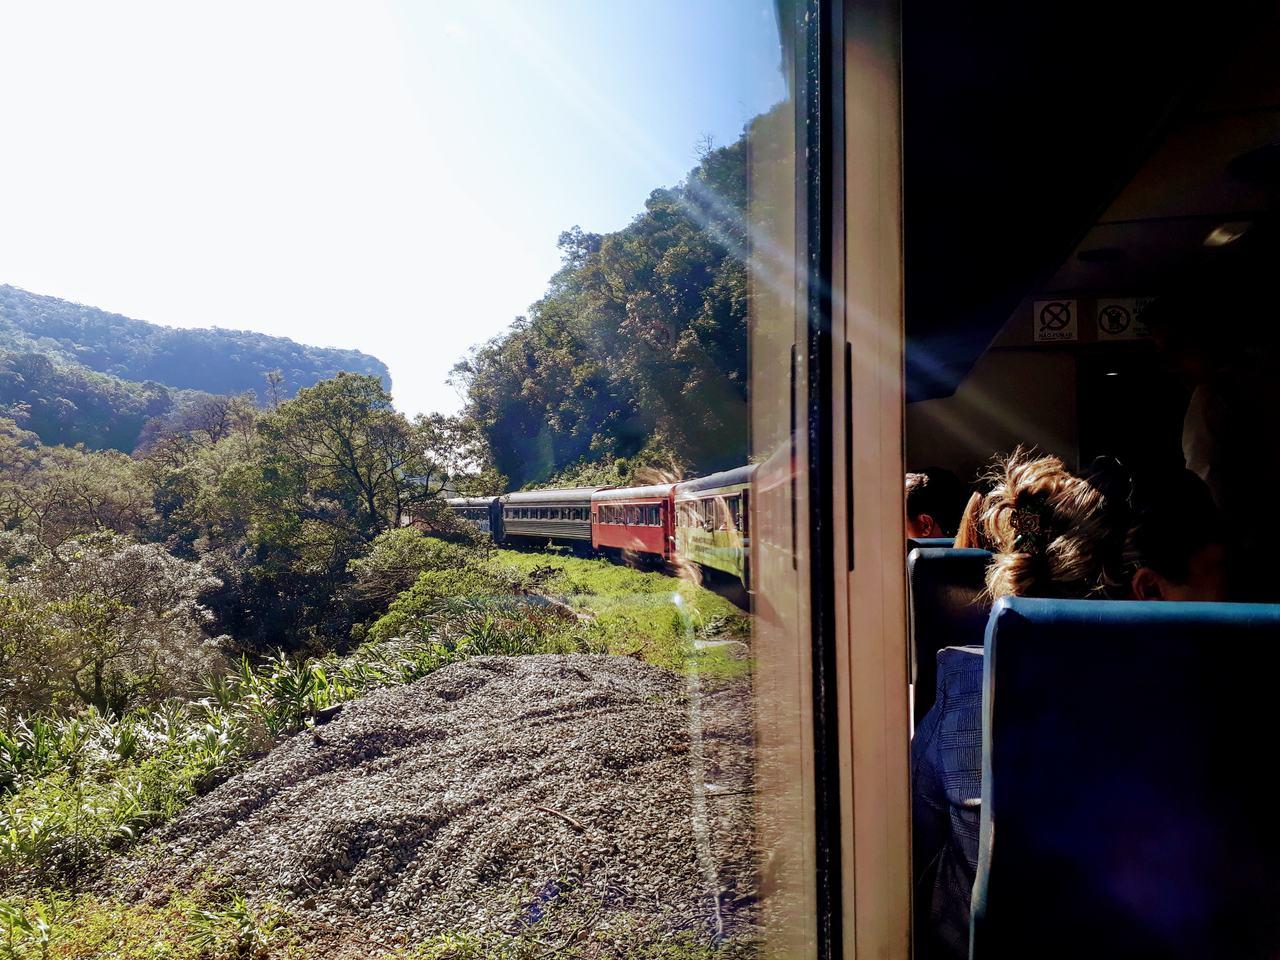 Passeio de trem a Morretes, Paraná